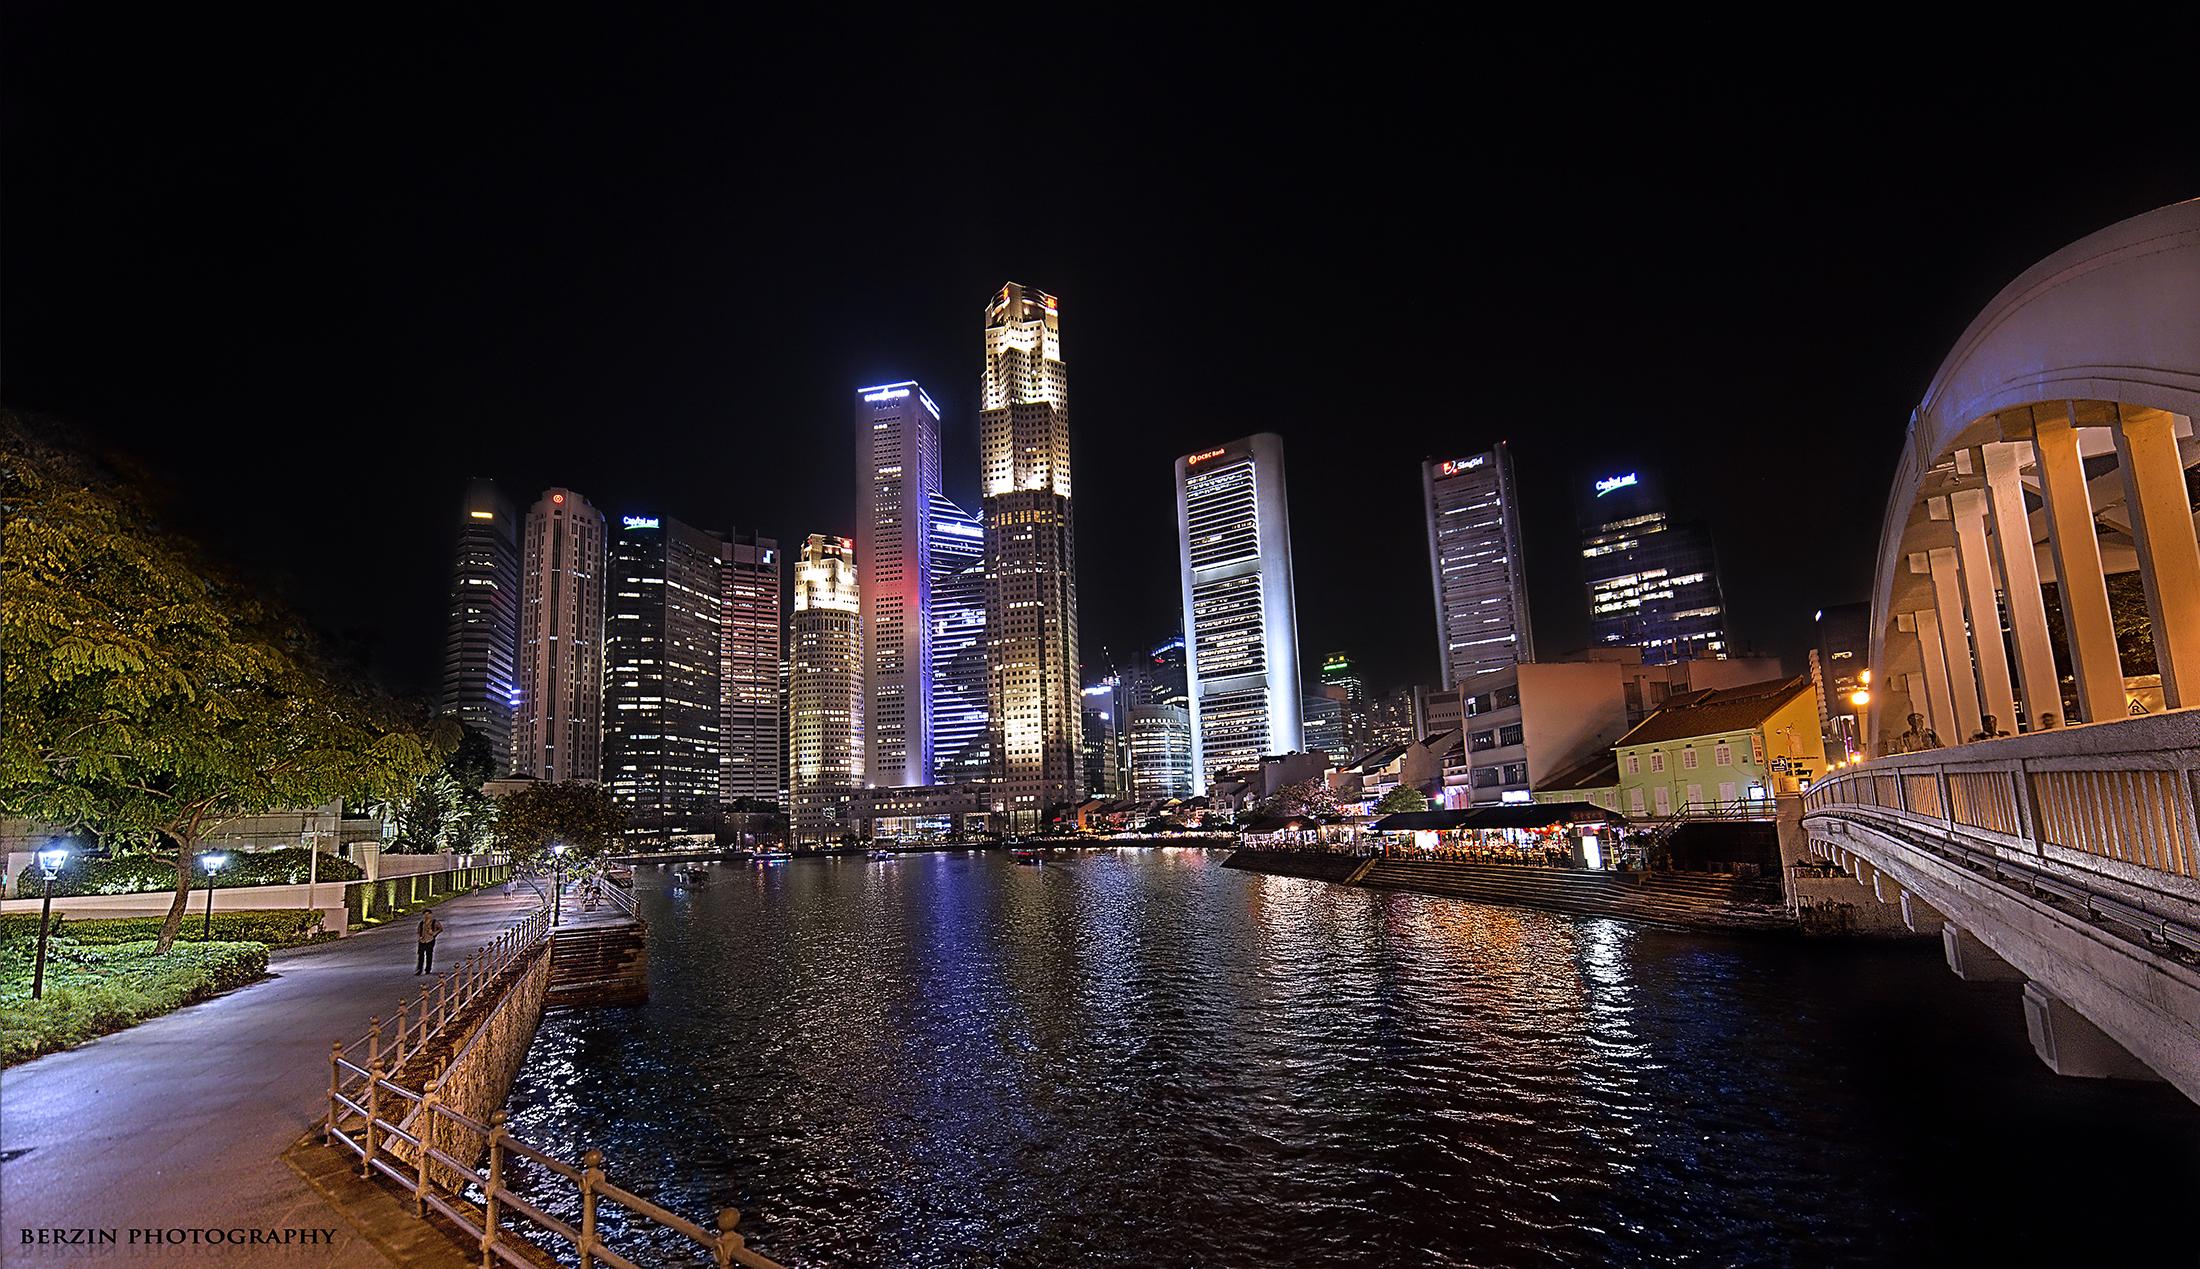 After-Singapore River Comparison